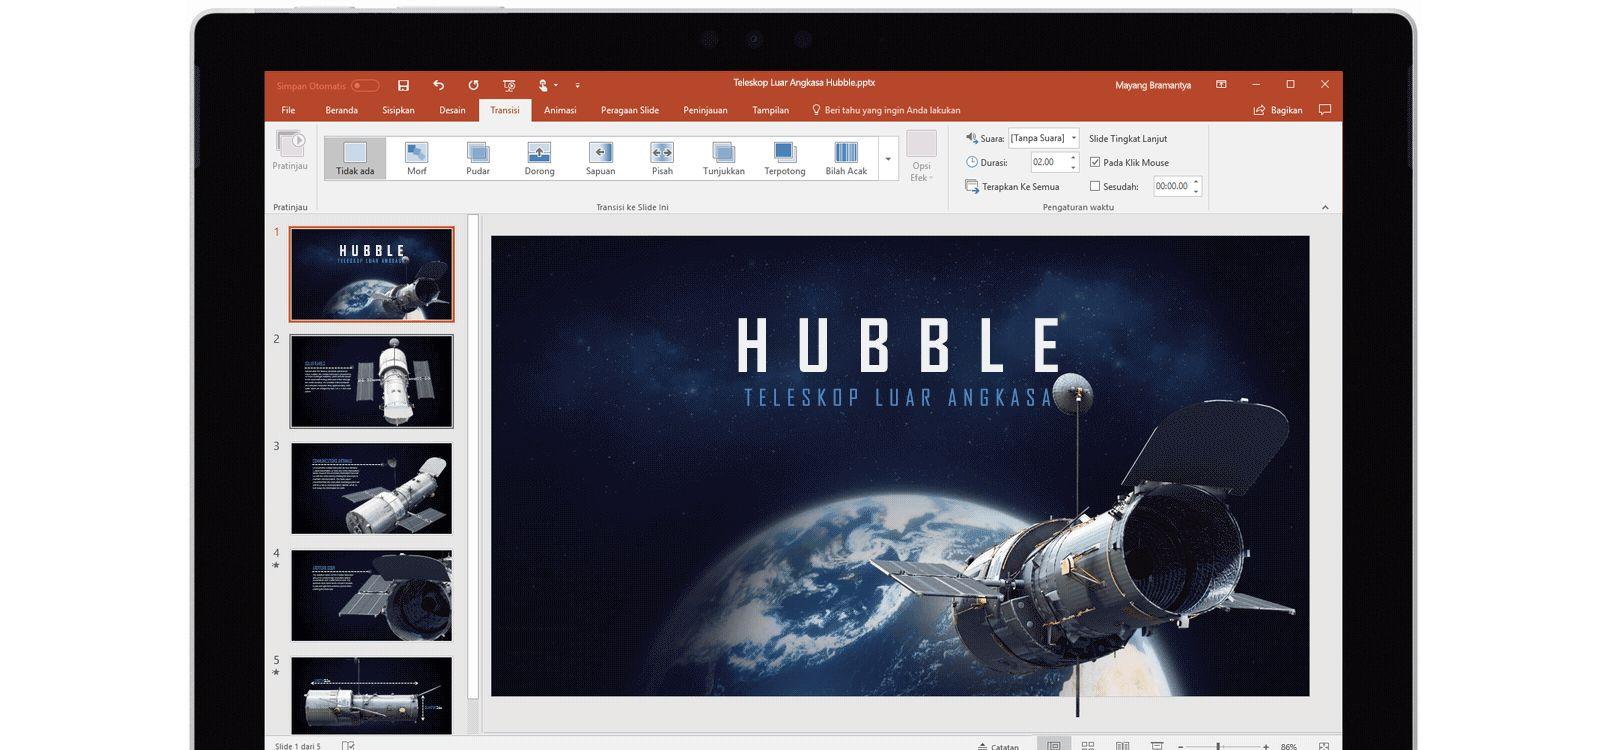 Layar tablet memperlihatkan Morf yang digunakan di presentasi PowerPoint tentang teleskop